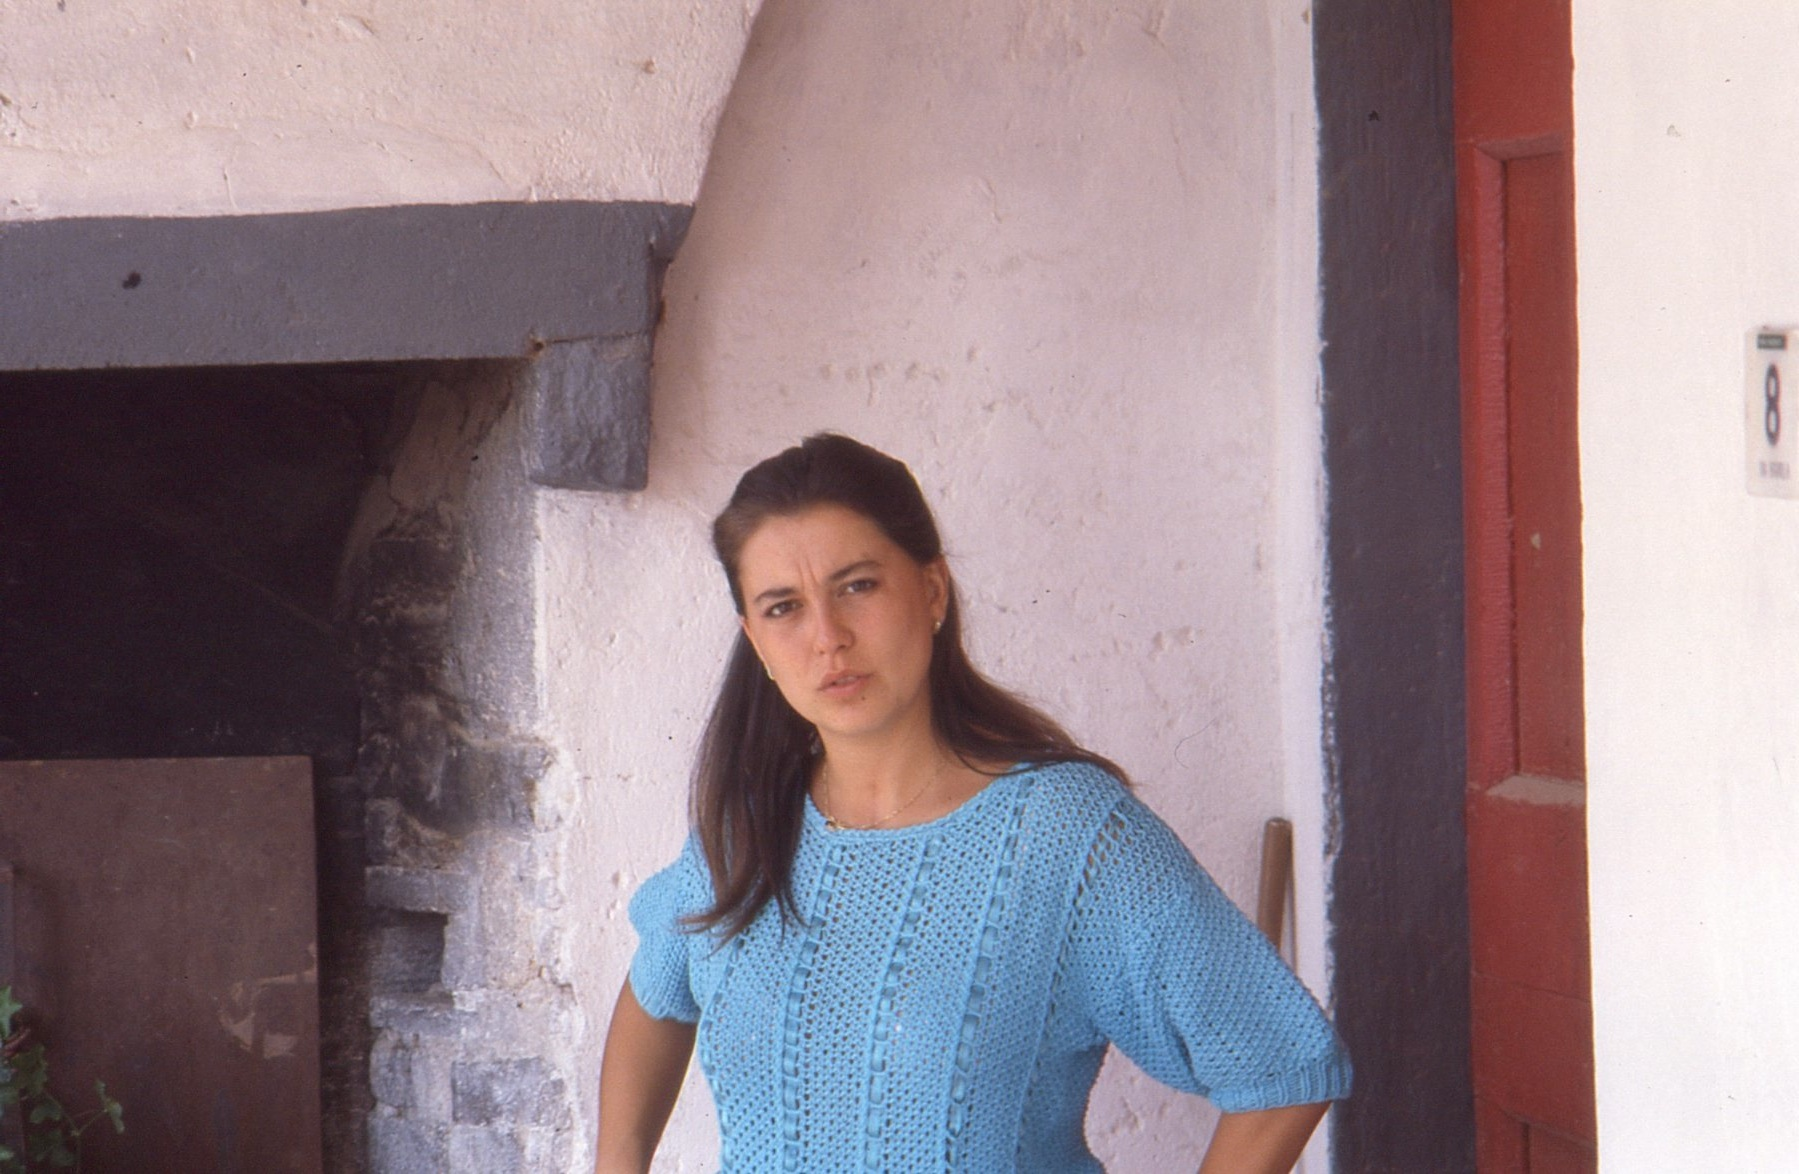 1987. Alla ricerca di Coriolano a Barberino.